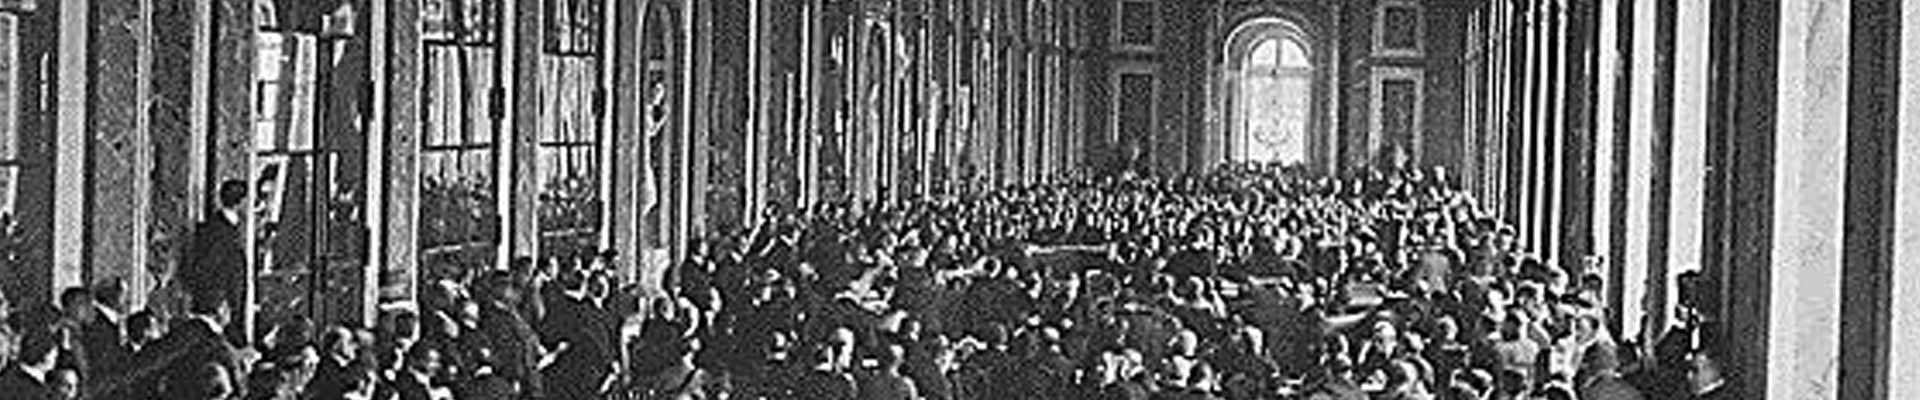 El Tratado de Versalles en la Galería de los Espejos